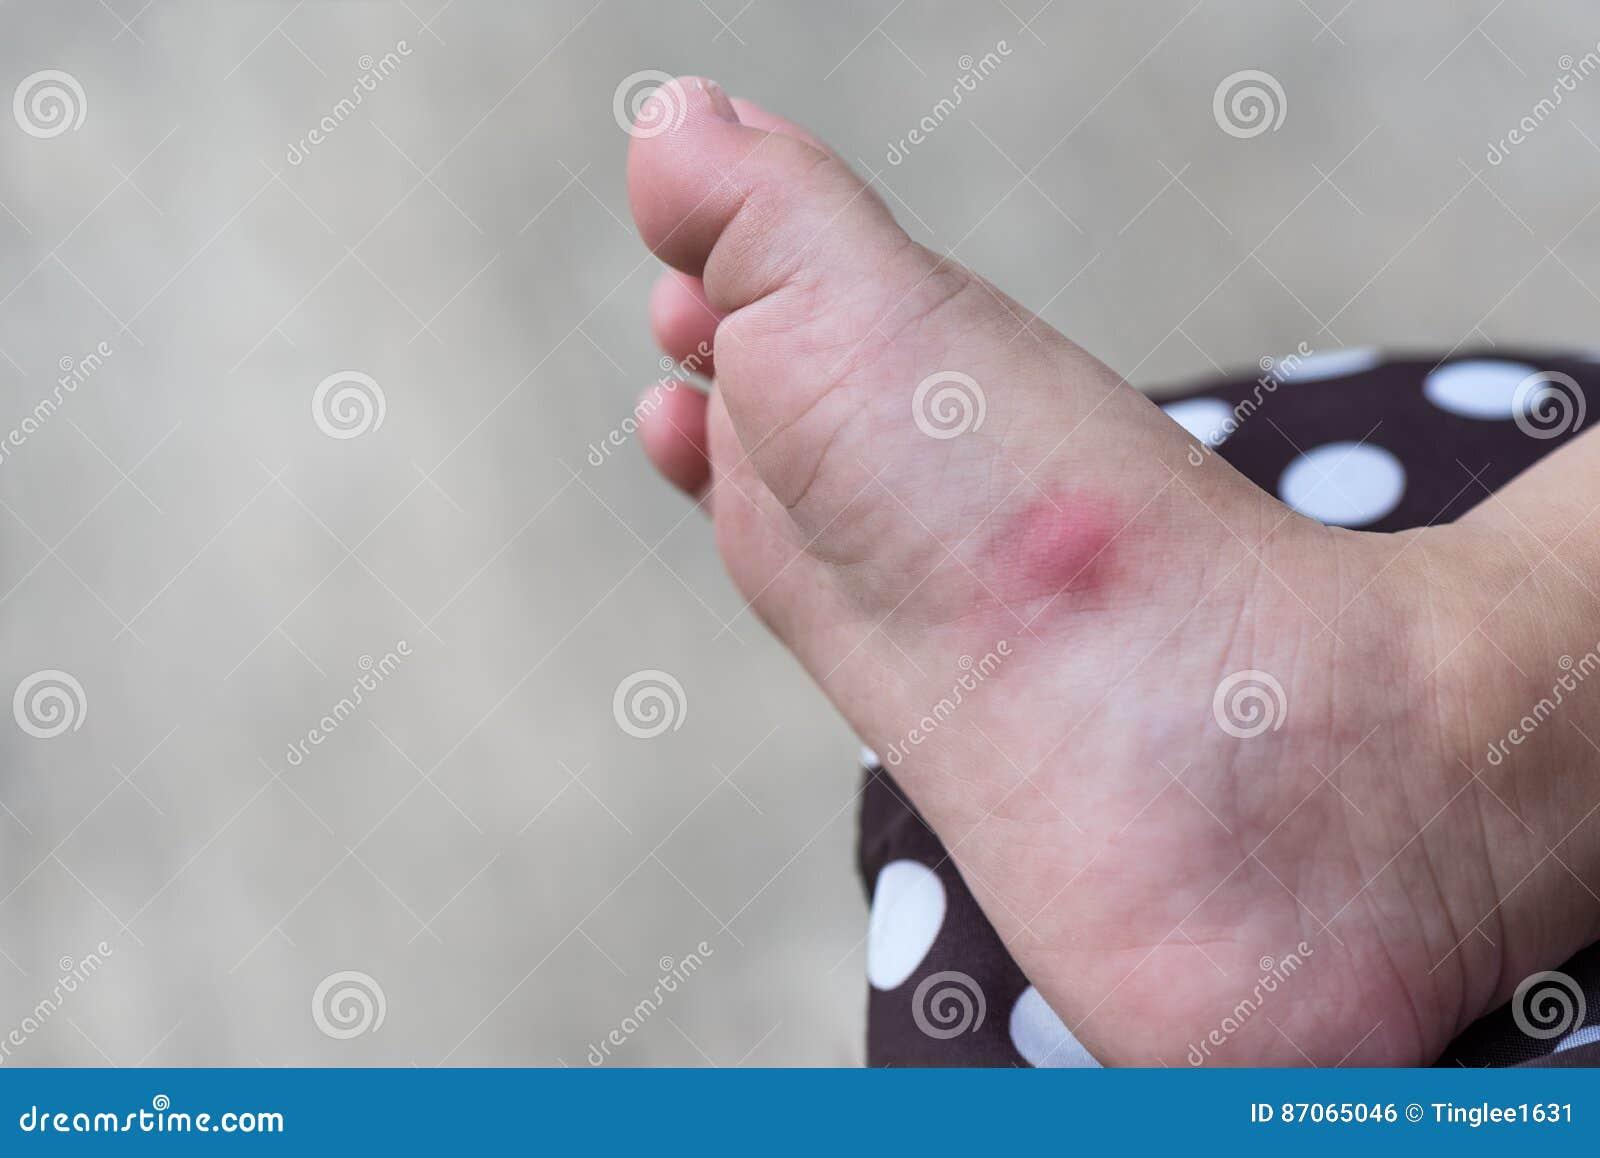 allergie au pied